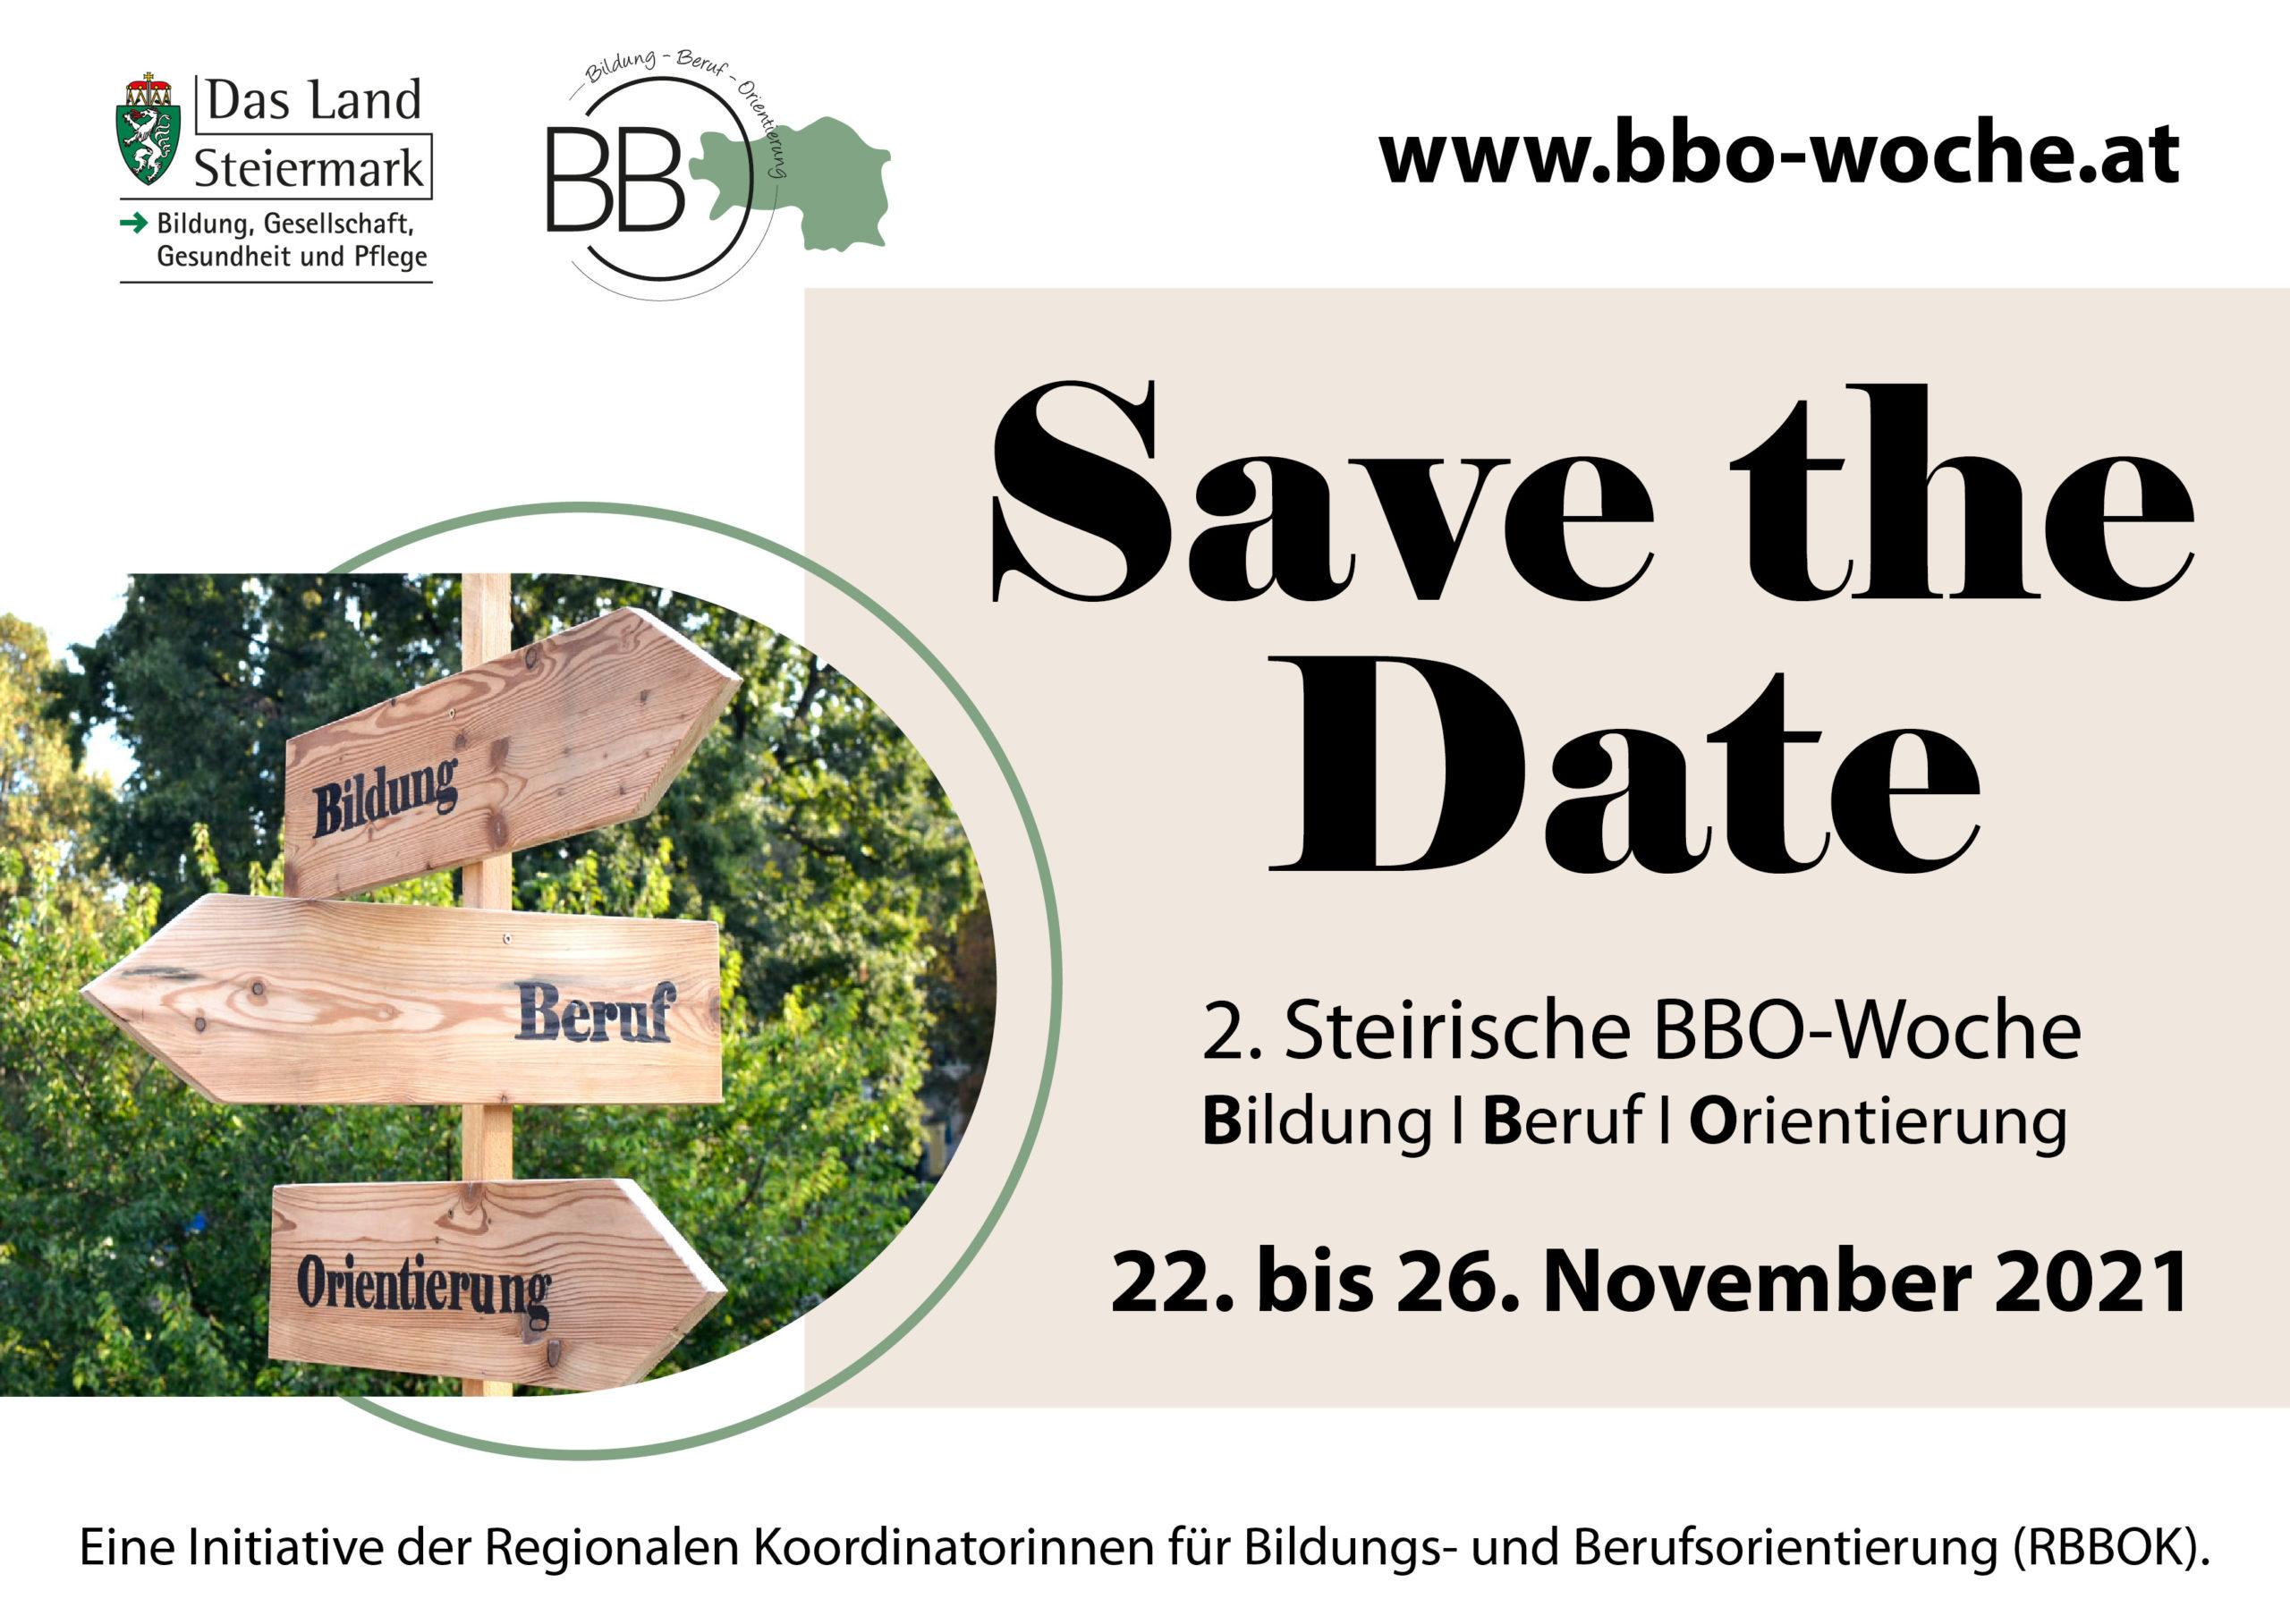 2. Steirische BBO-Woche 2021